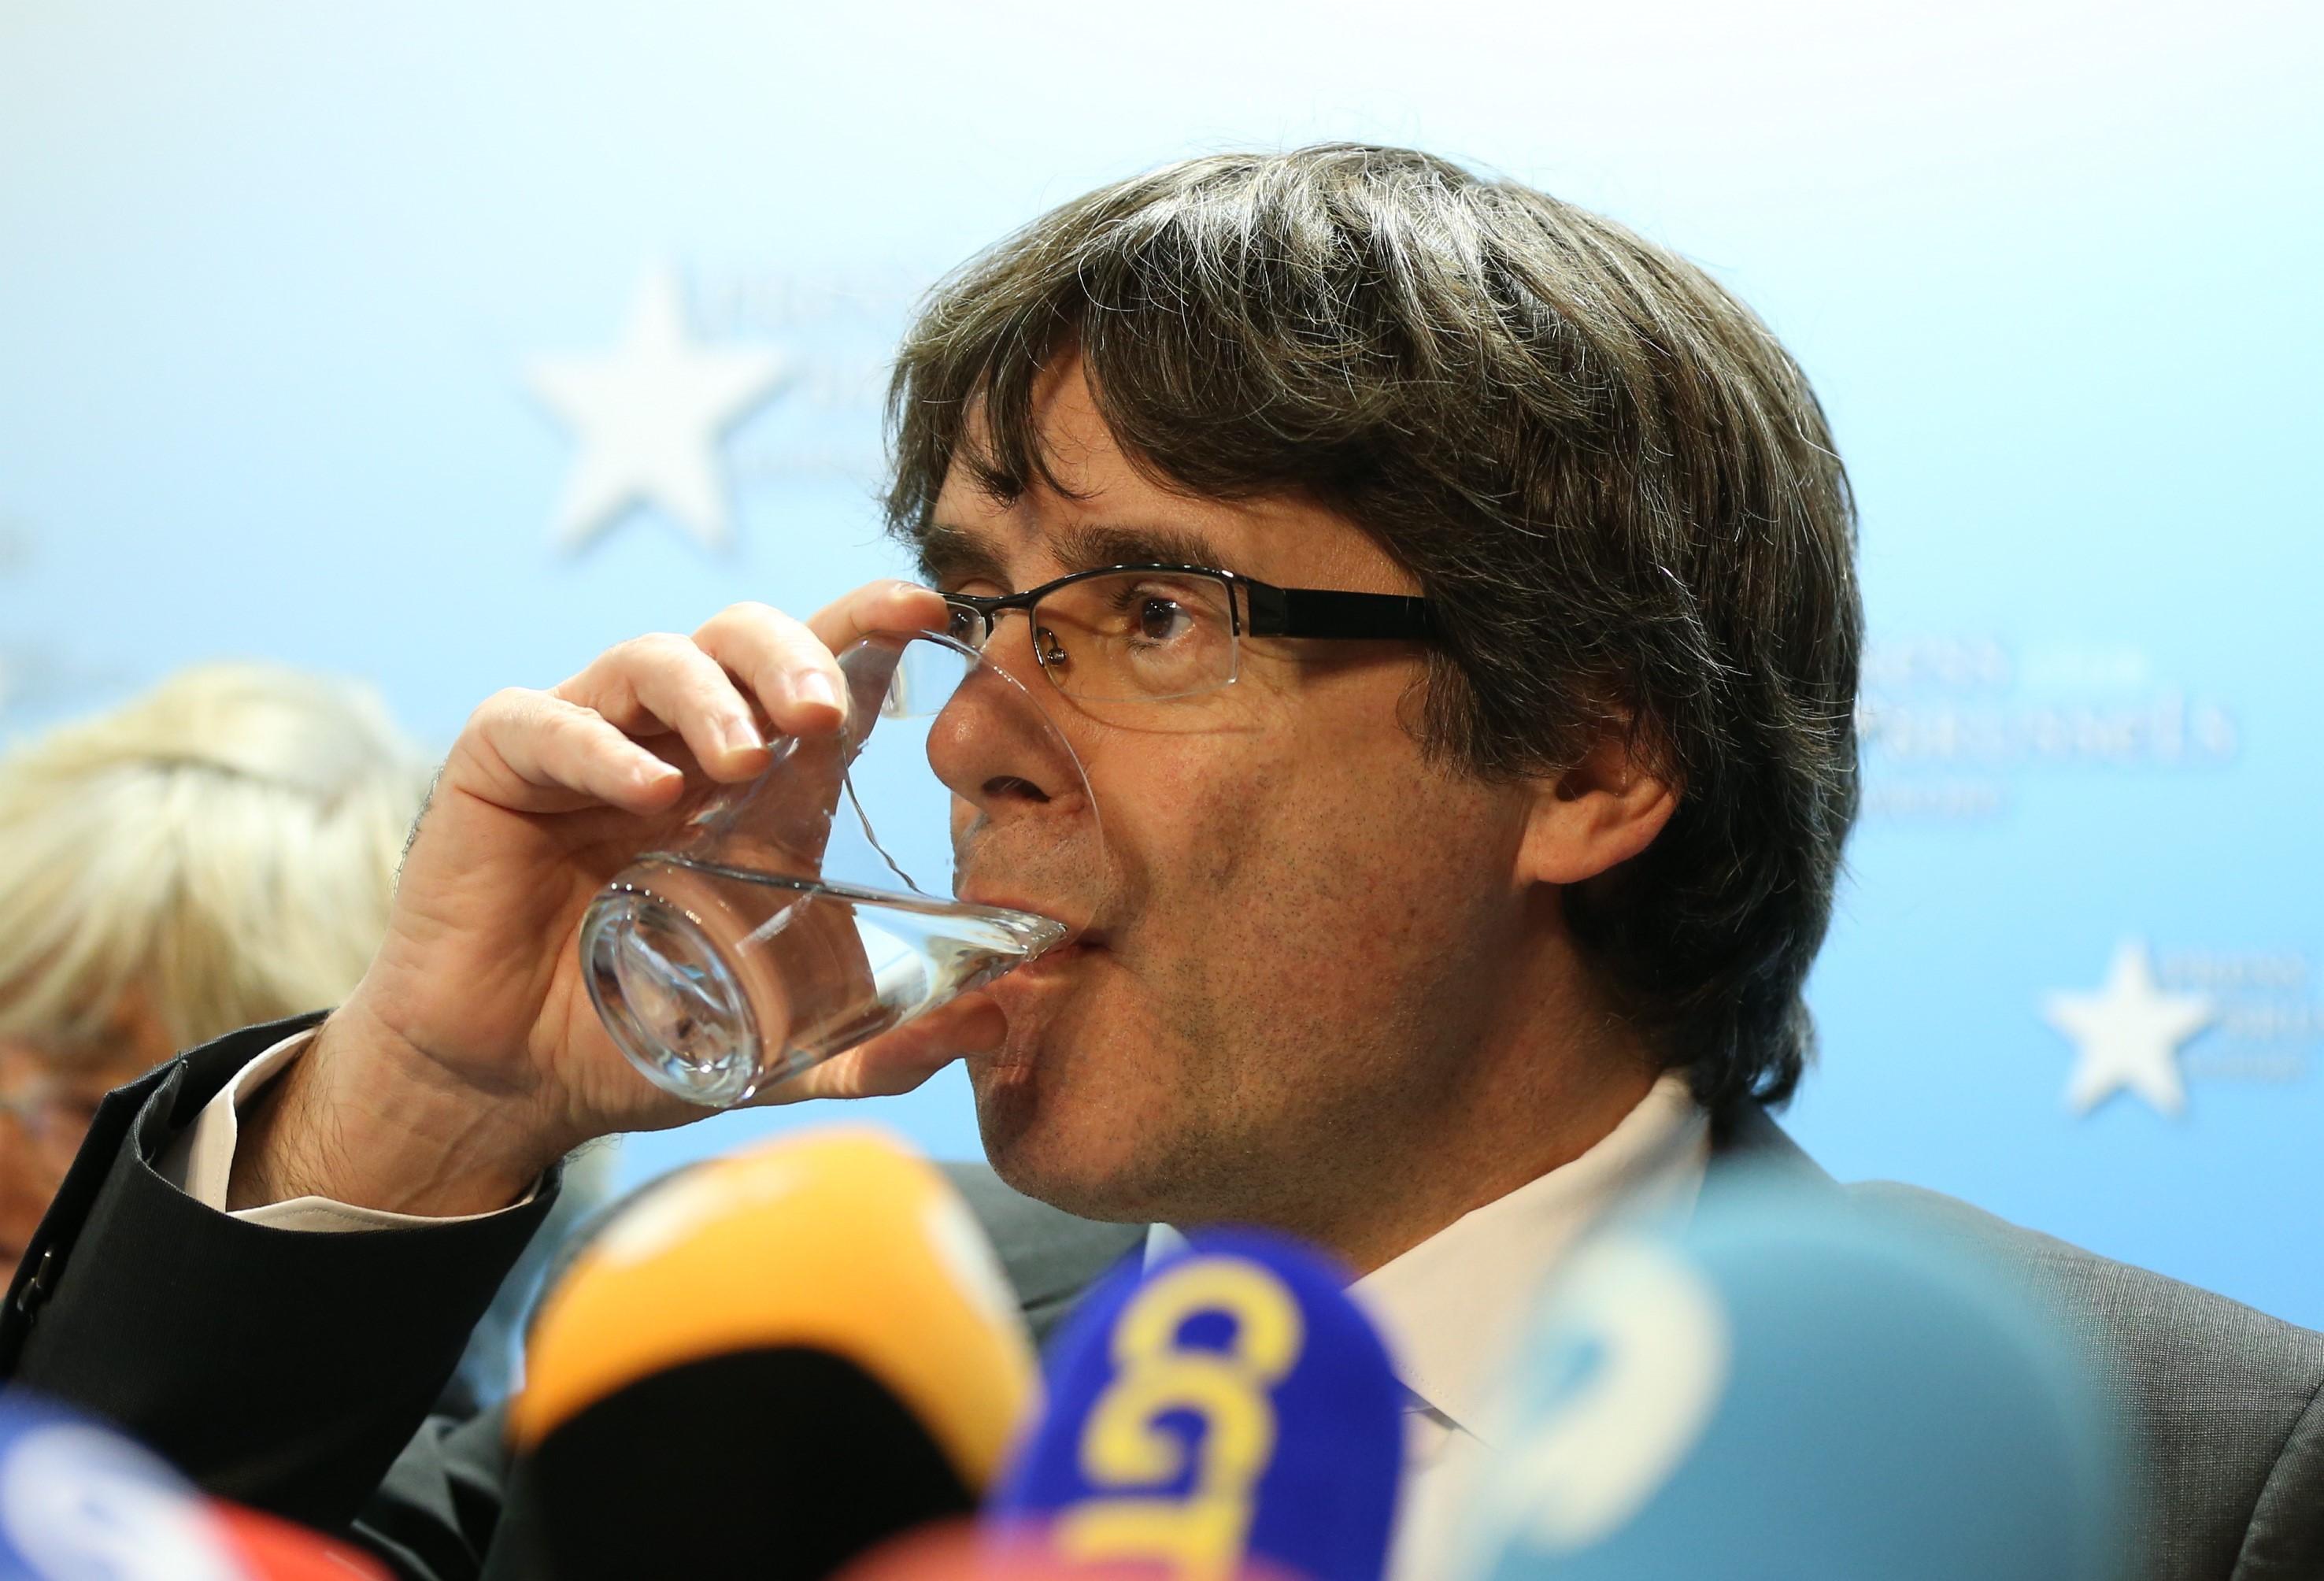 Premierul belgian: Interlocutorul nostru în contextul crizei catalane este guvernul de la Madrid/ Ce spune despre cetăţeanul european Carles Puigdemont